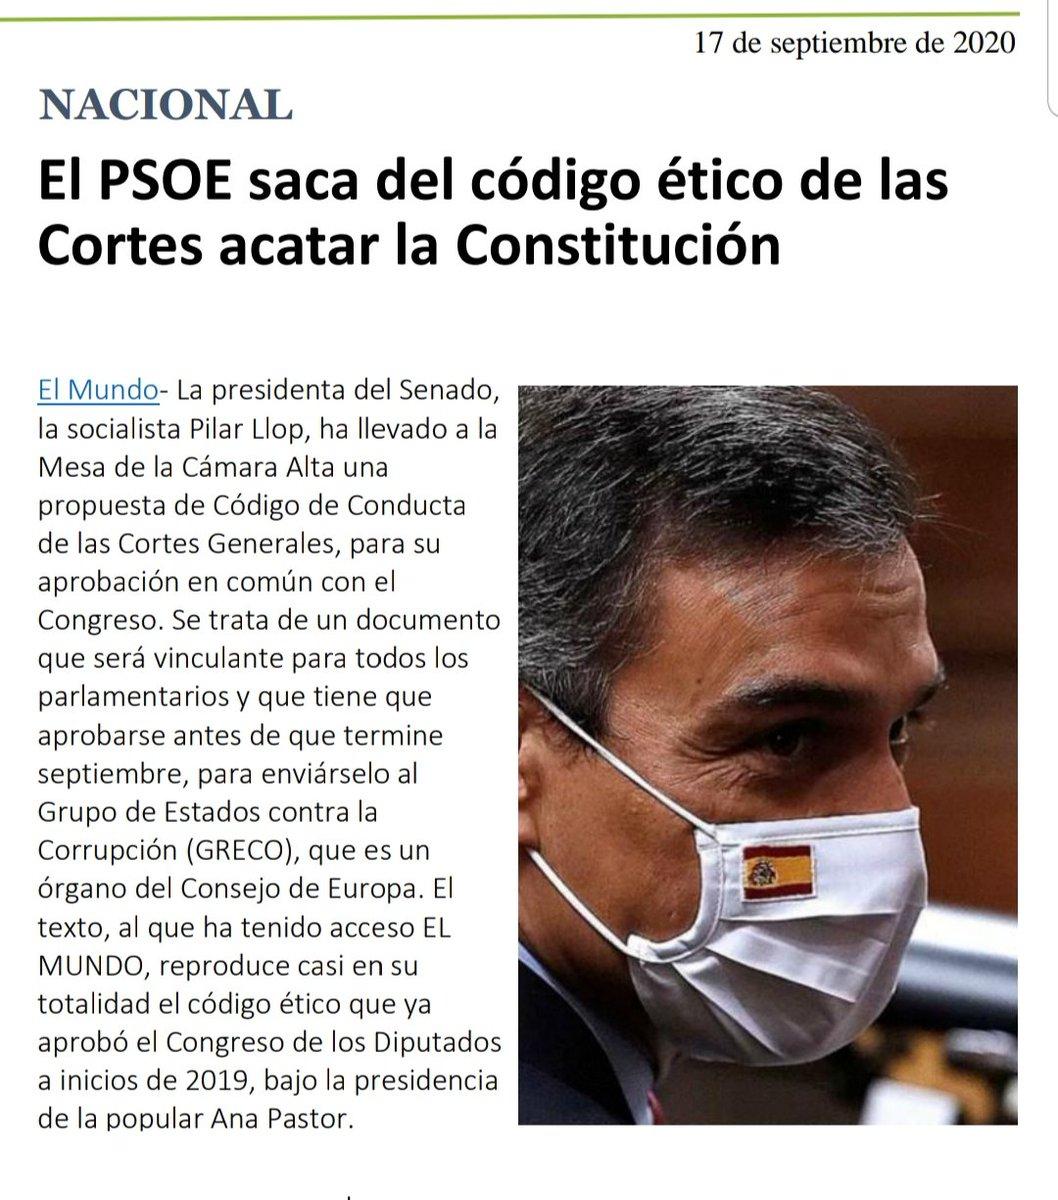 El PSOE es ya un enemigo declarado de la Constitución, de la libertad, de la concordia y de la paz entre los españoles.   Y su gobierno está en manos de las mafias del narcocomunismo y del golpismo separatista.  Esto no sorprende ya. Quieren derribar la Monarquía constitucional https://t.co/4p4Nggsusb